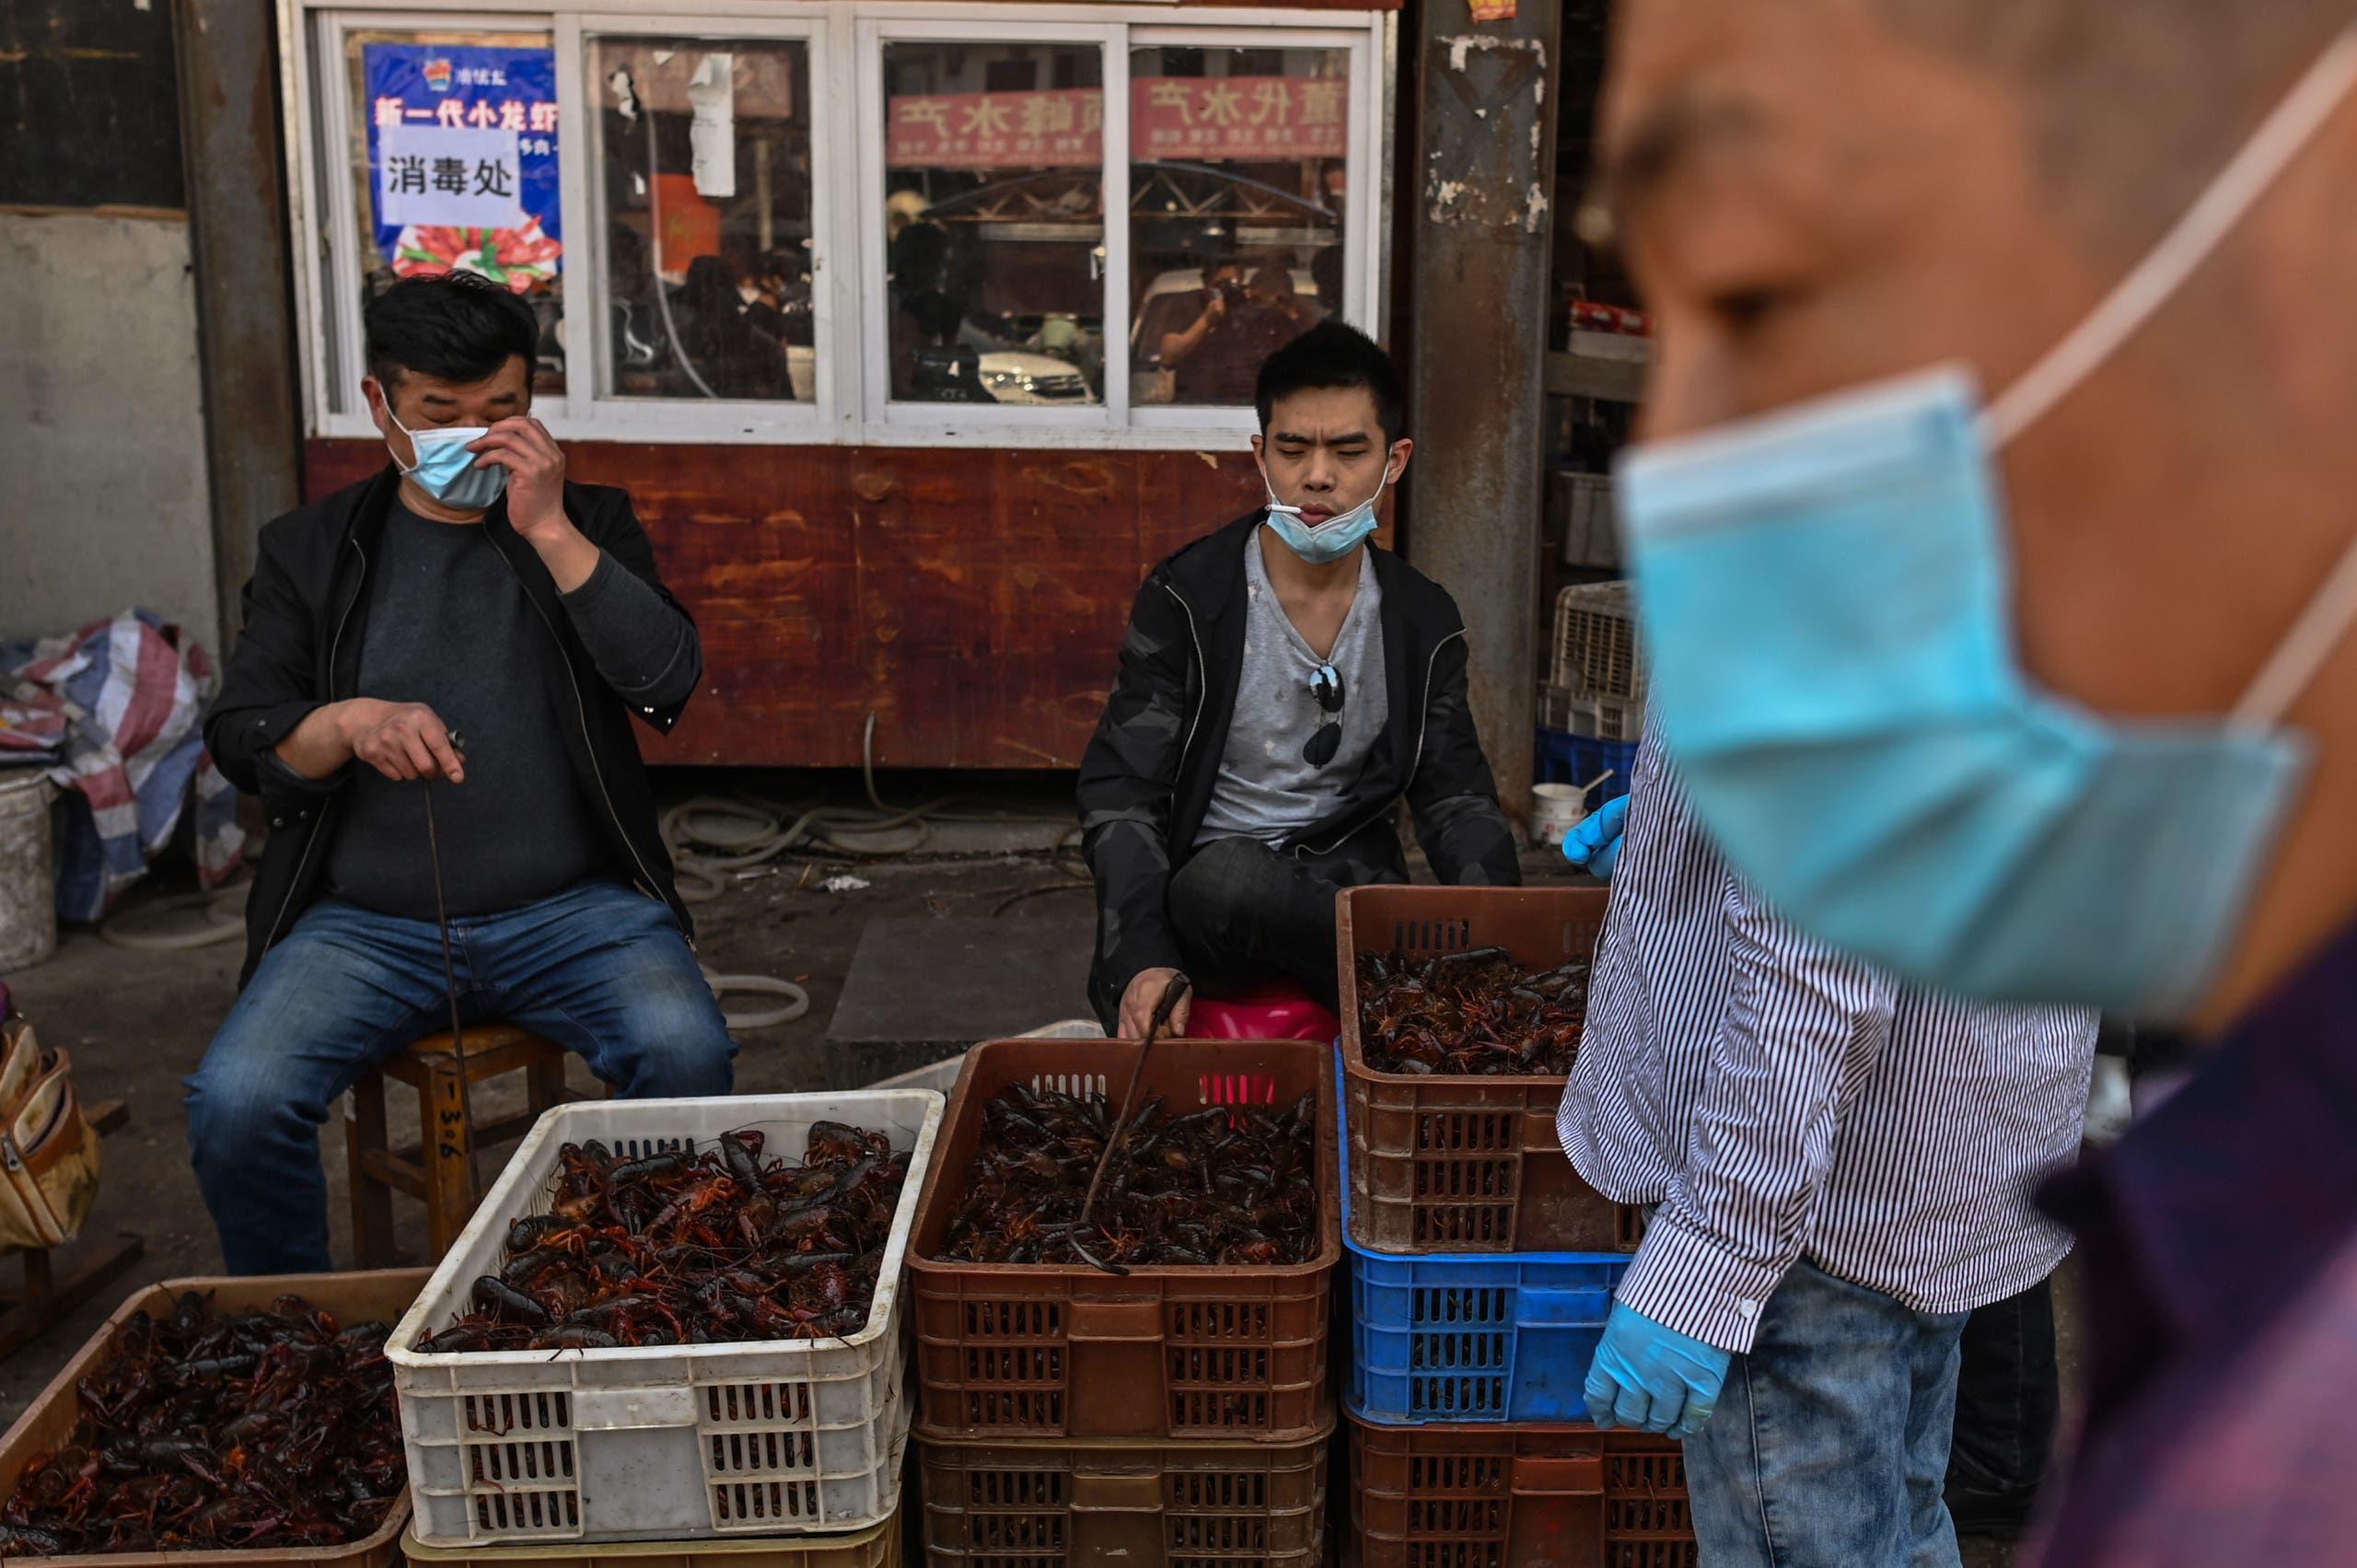 سوق ووهان للحيوانات الذي يقول كثيرون بنظرية انطلاق الفيروس للعالم منه